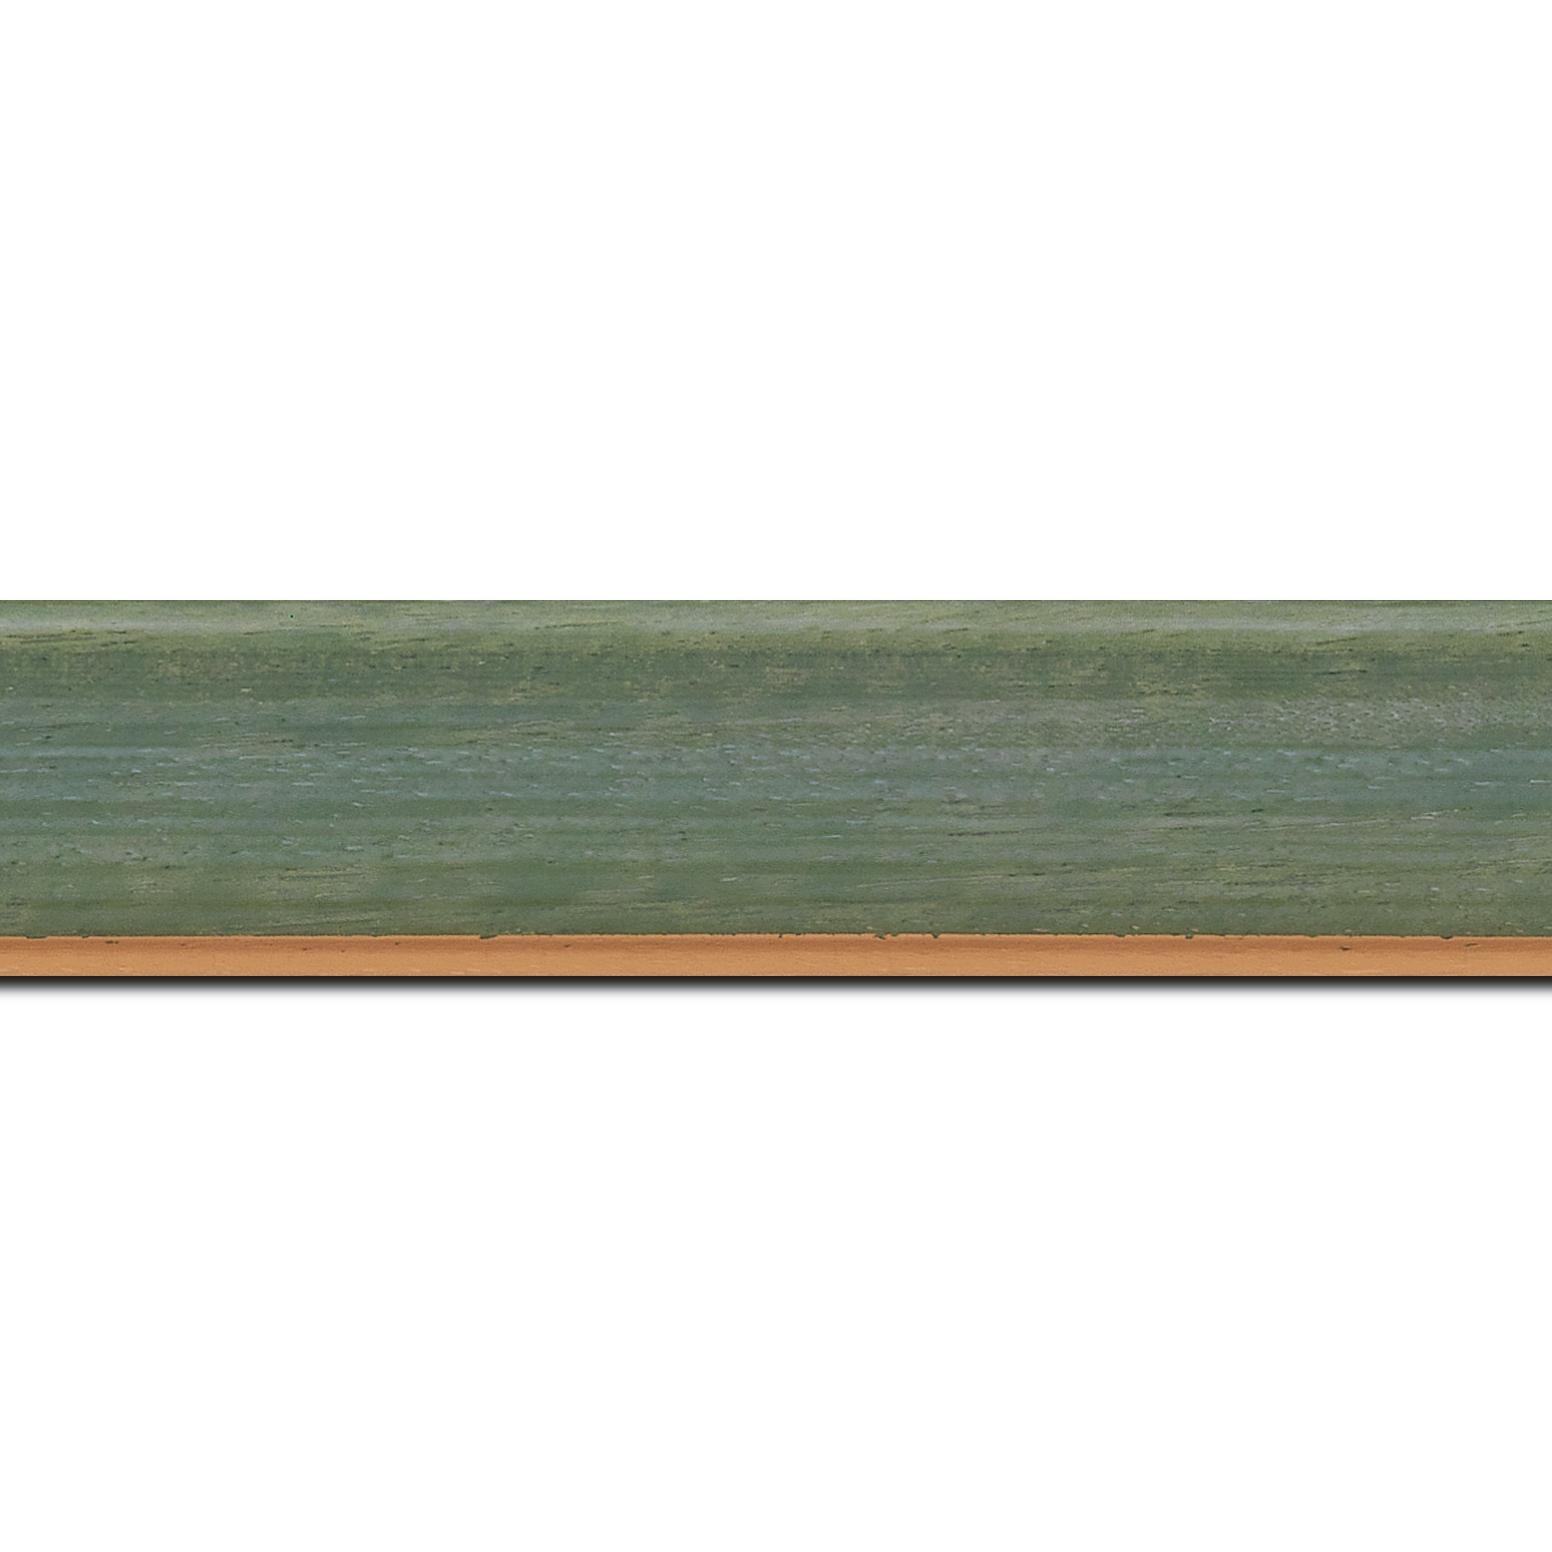 Baguette longueur 1.40m bois profil incurvé largeur 3.9cm couleur vert amande satiné filet or